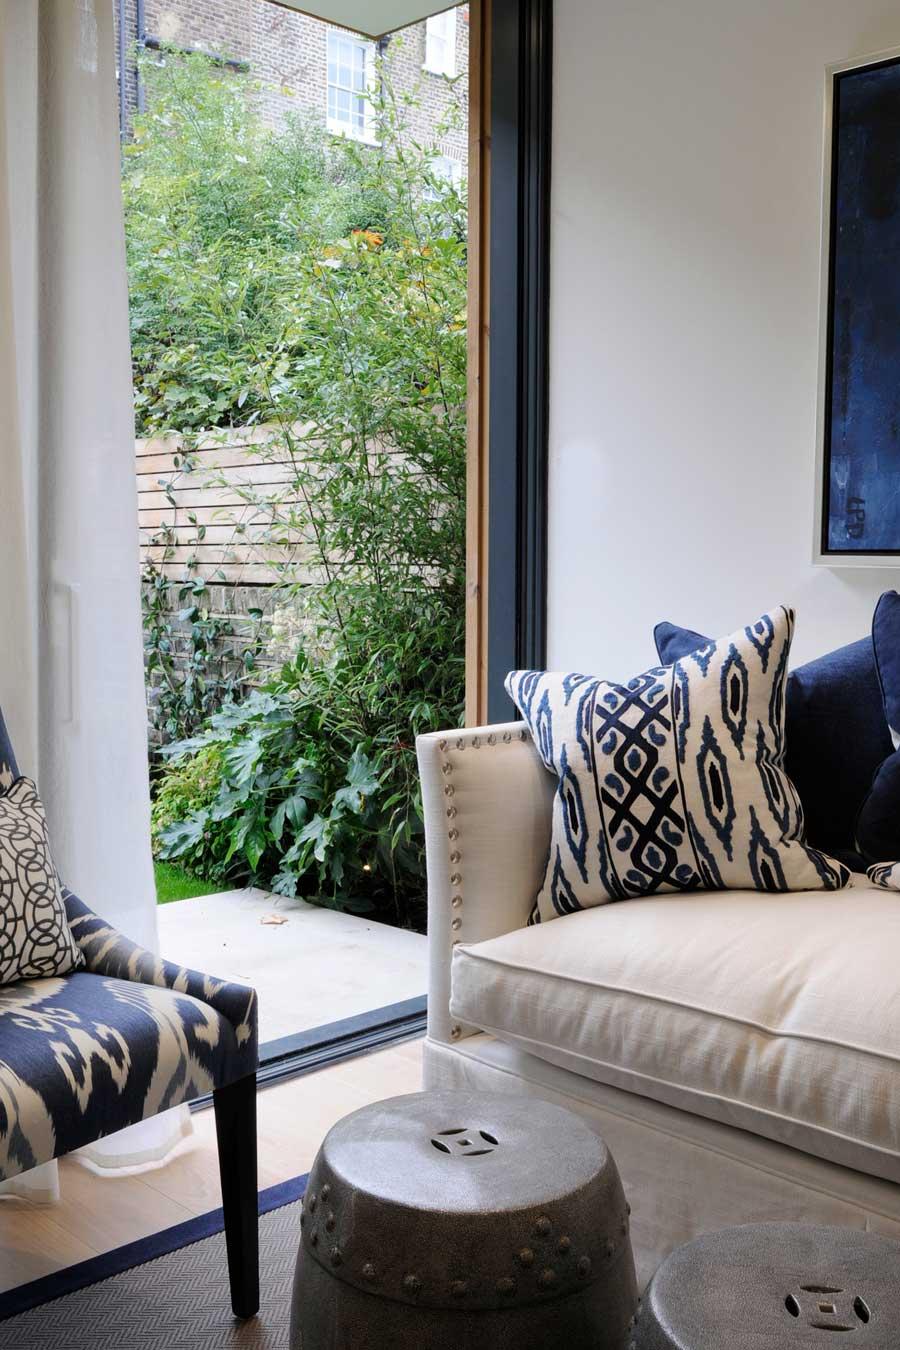 chelsea-family-apartment-terrace.jpg